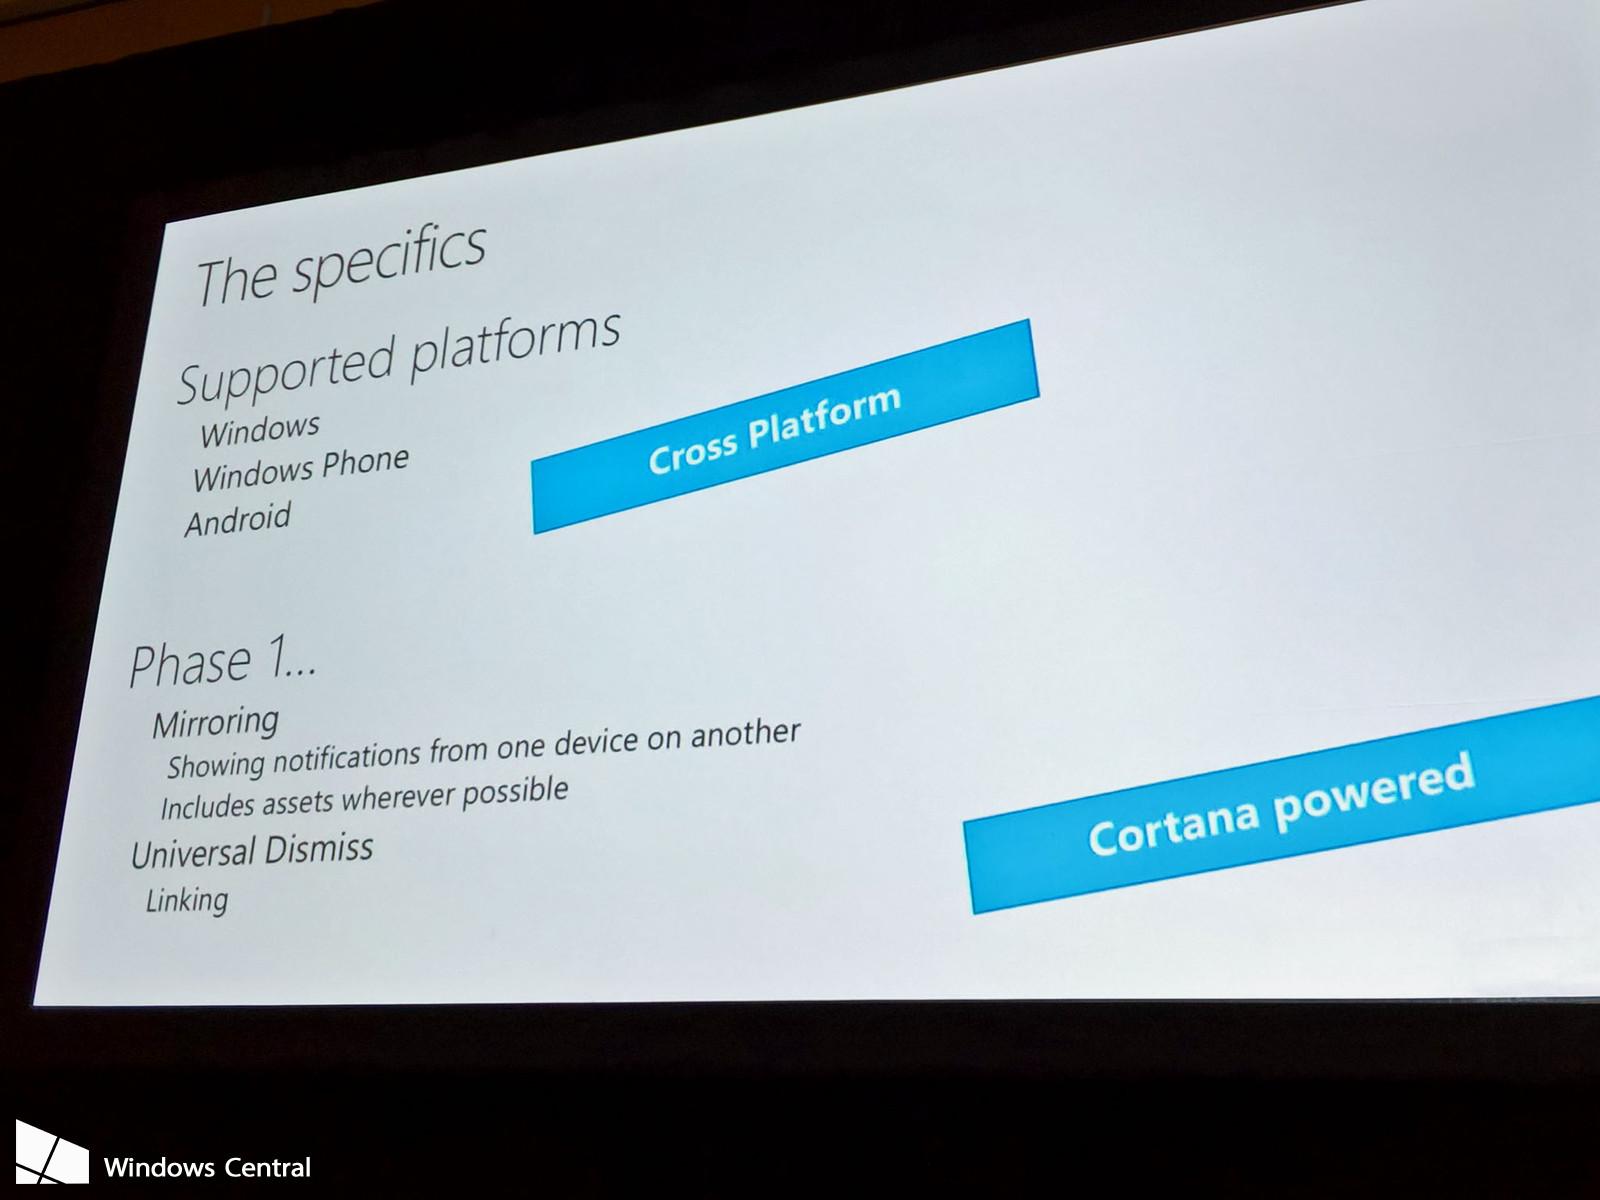 Windows 10 es compatible con las notificaciones de Android y Windows 10 Mobile 1